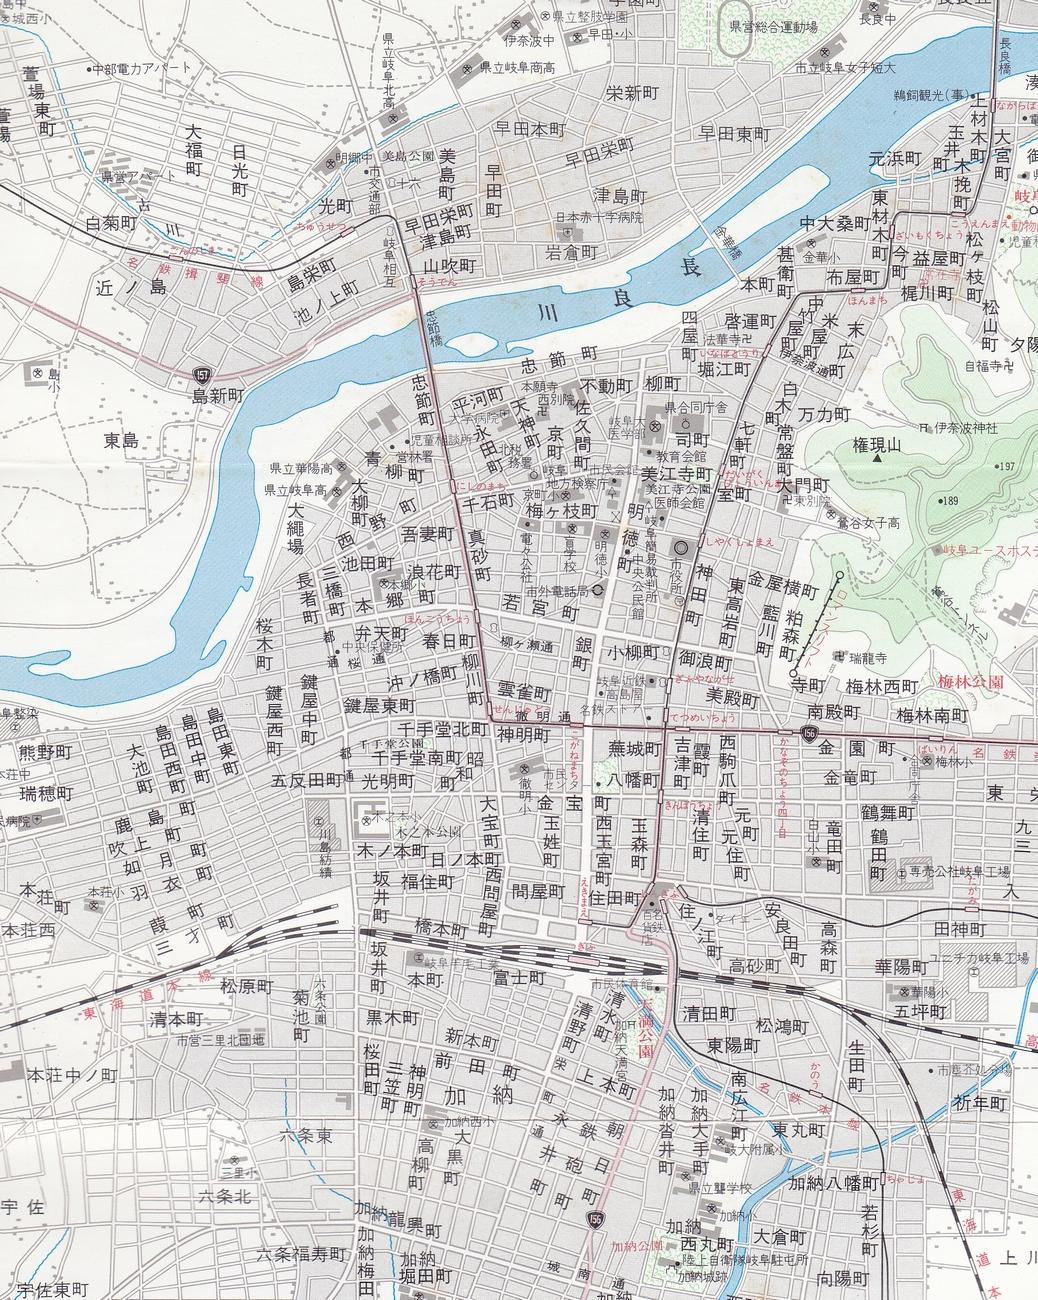 岐阜市内地図s